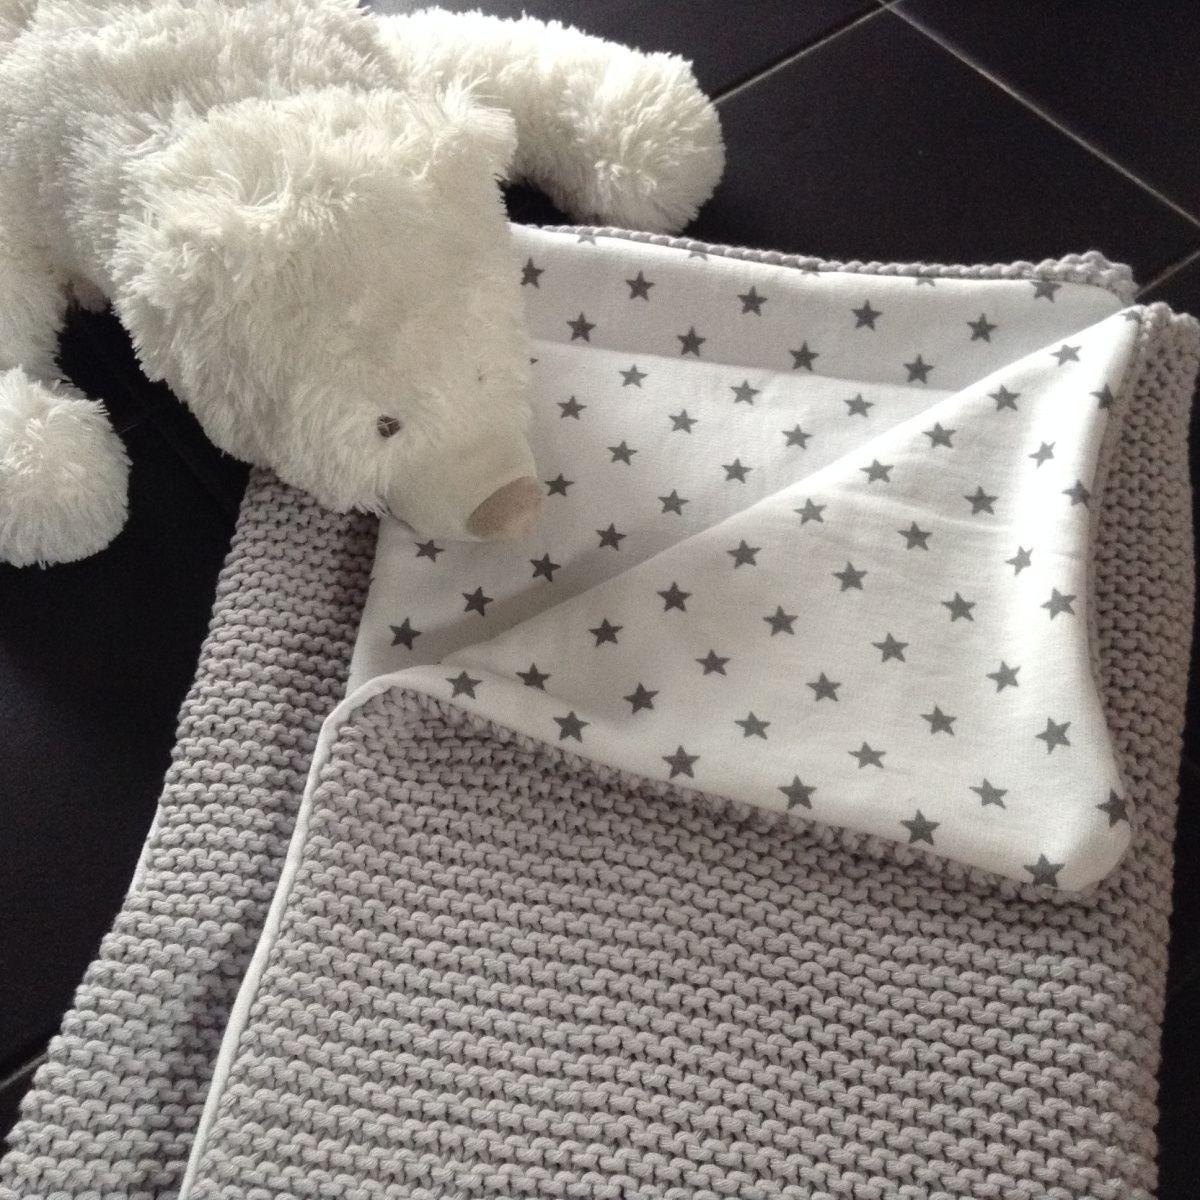 couverture bébé laine tricotée main Couverture bébé au tricot doublée | Naissance de bébé, Couvertures  couverture bébé laine tricotée main